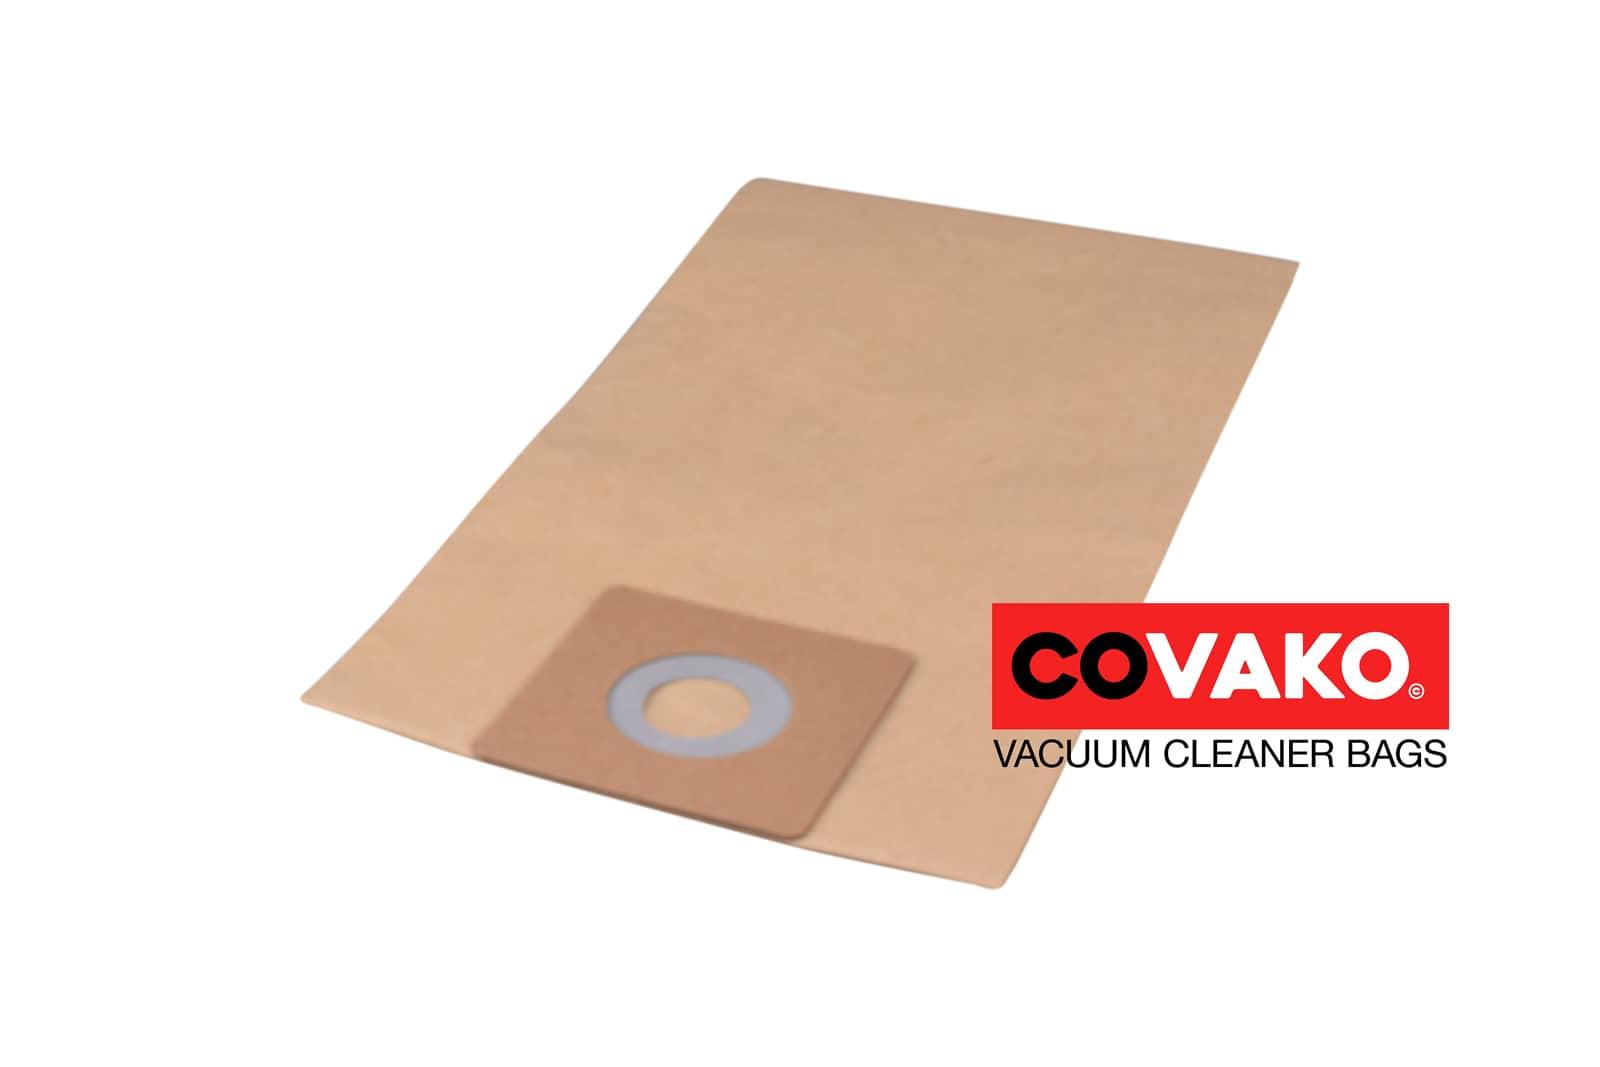 Gansow YP 1/6 ECO B / Papier - Gansow sacs d'aspirateur